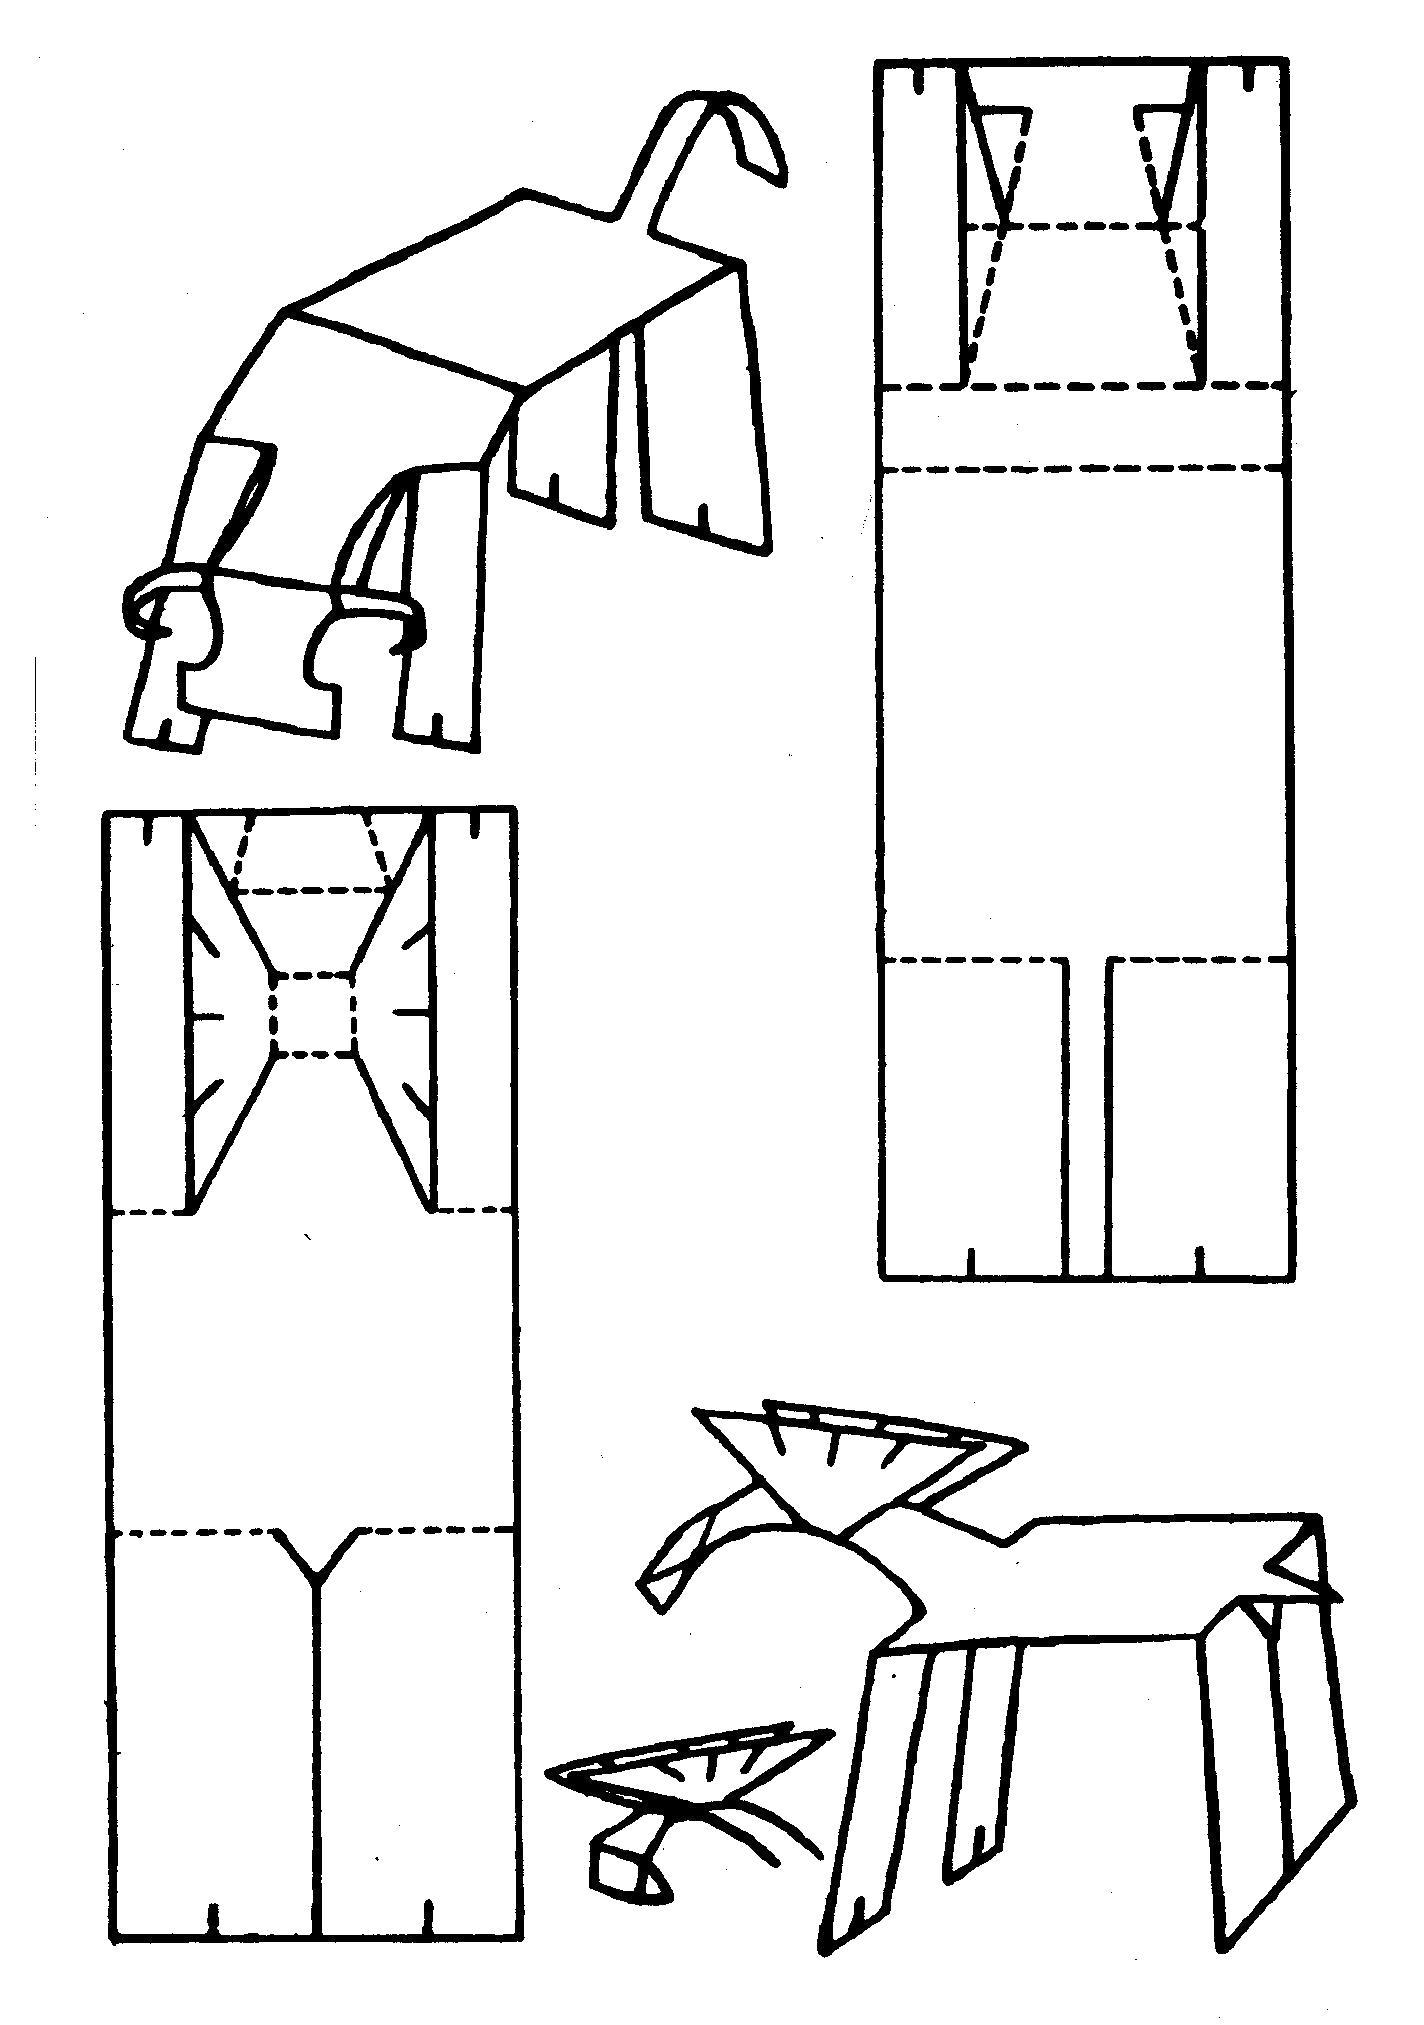 Раскраска Оригами для детей. Скачать оригами.  Распечатать оригами